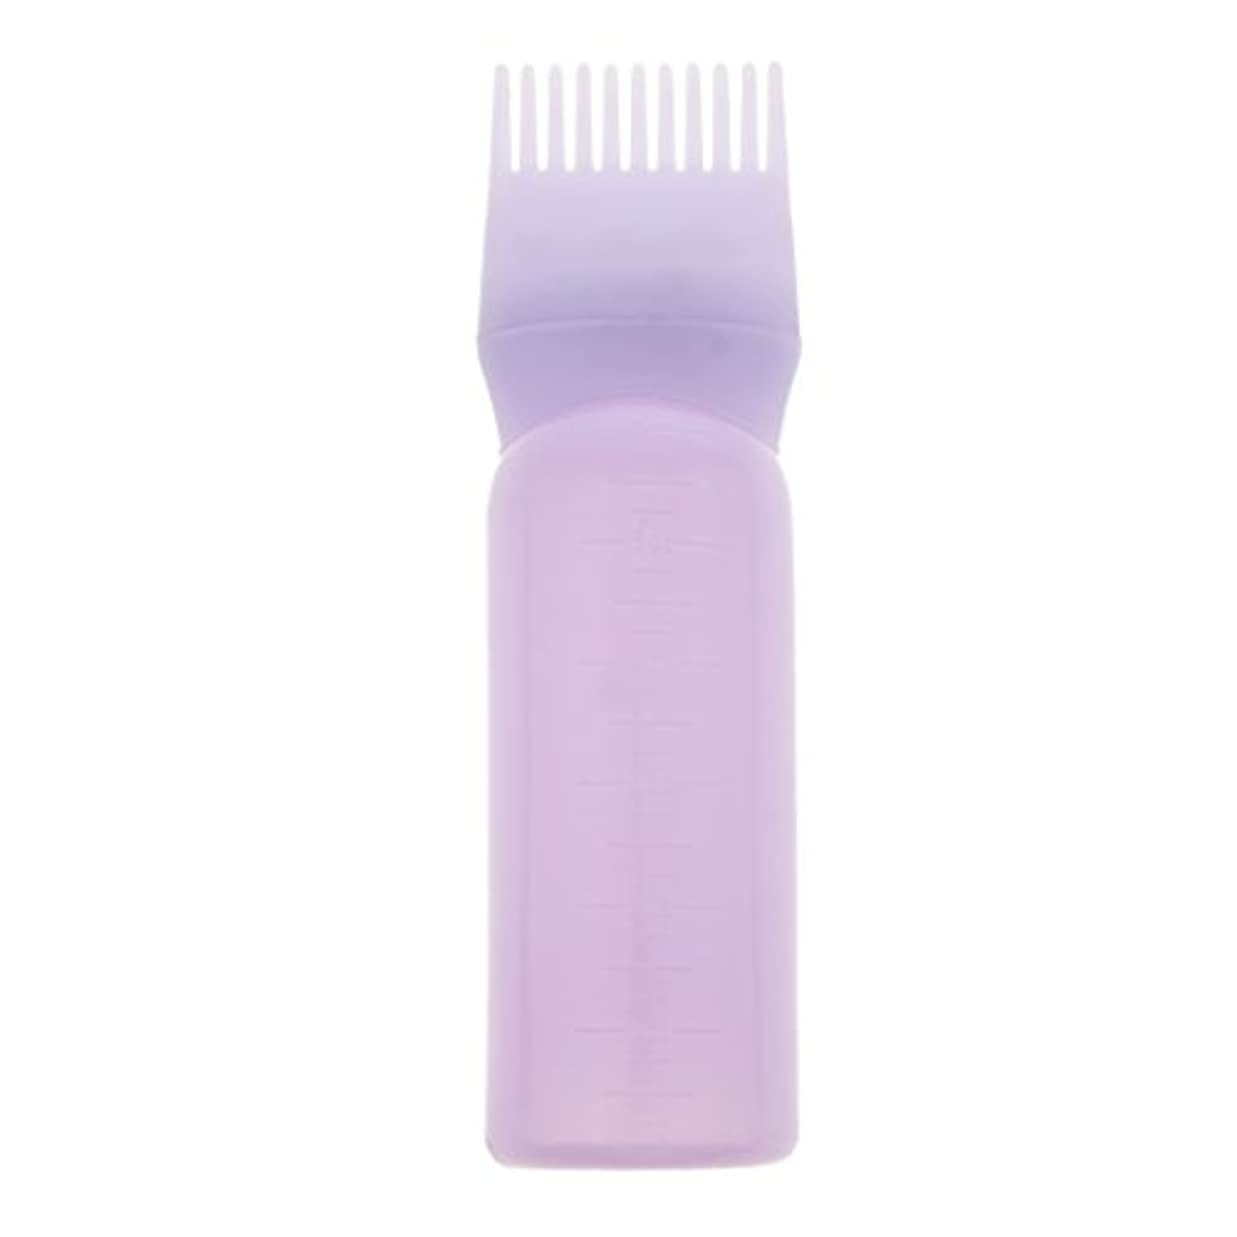 残り欠陥キリマンジャロルートコームヘアダイボトルアプリケーターサロンヘアカラーディスペンサーブラシ(120ml) - 紫